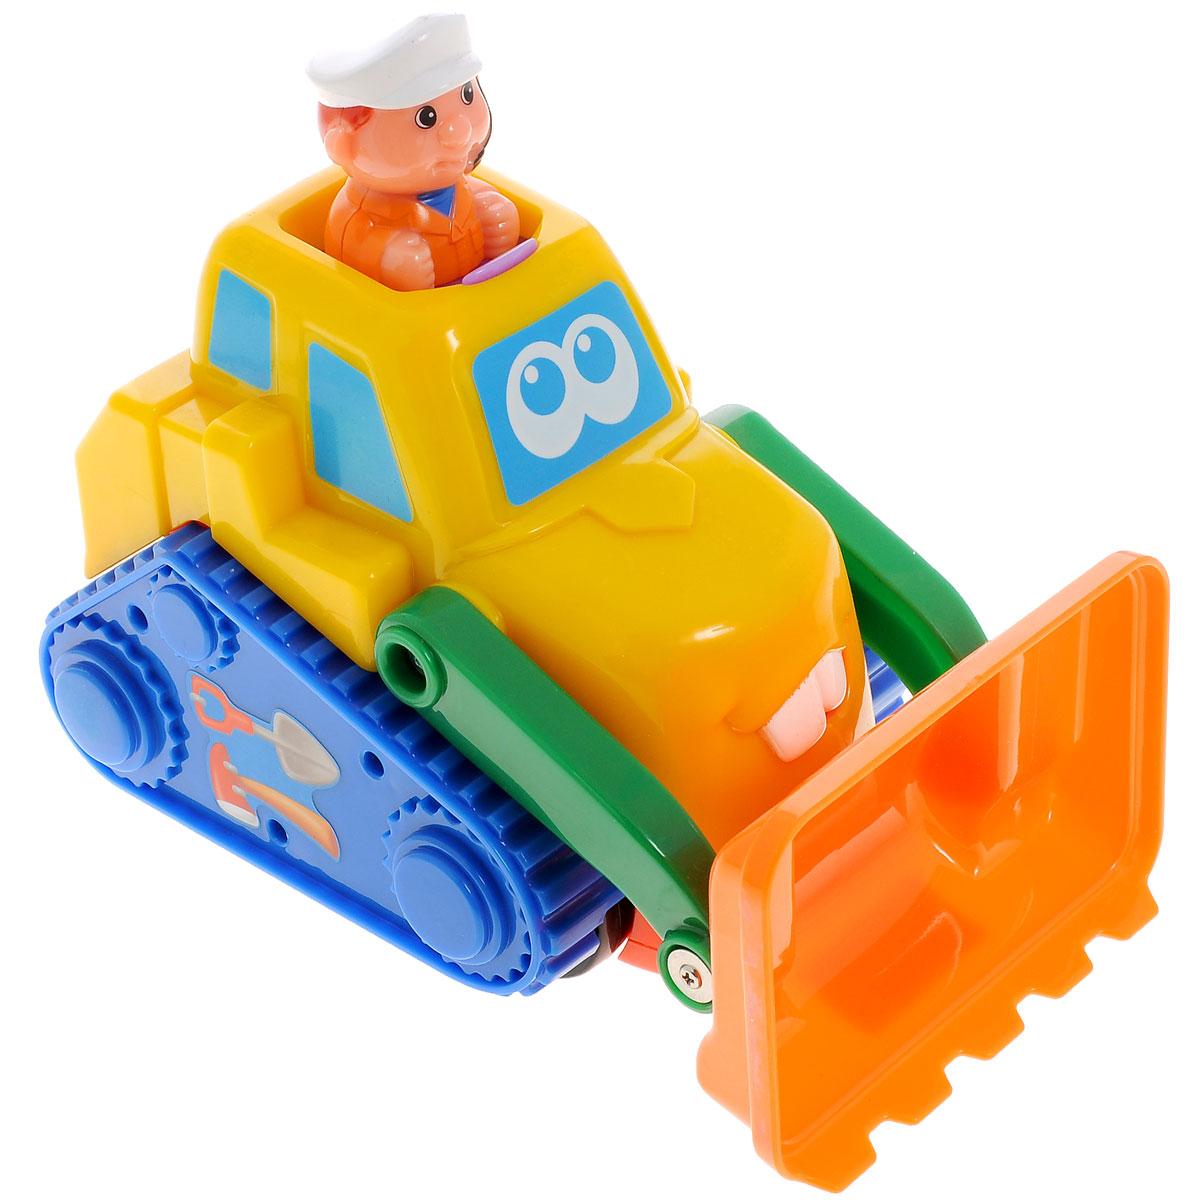 Kiddieland Развивающая игрушка БульдозерKID 049874Яркая развивающая игрушка Kiddieland Бульдозер со звуковыми эффектами обязательно понравится любому мальчишке. За рулем машинки сидит водитель, если на него нажать, то бульдозер поедет вперед под веселую музыку. Если нажать на кнопку перед водителем, то будет слышен звук гудка и двигателя. Если нажать на кнопку на задней части машинки, то будет слушен звук заправки. Водителя можно достать из кабины автомобиля и играть им отдельно. Игрушка способствует развитию, мелкой моторики, цветовосприятия, воображения и творческого мышления. Рекомендуемый возраст: от 18 месяцев. Питание: 2 батарейки типа АА (входят в комплект).